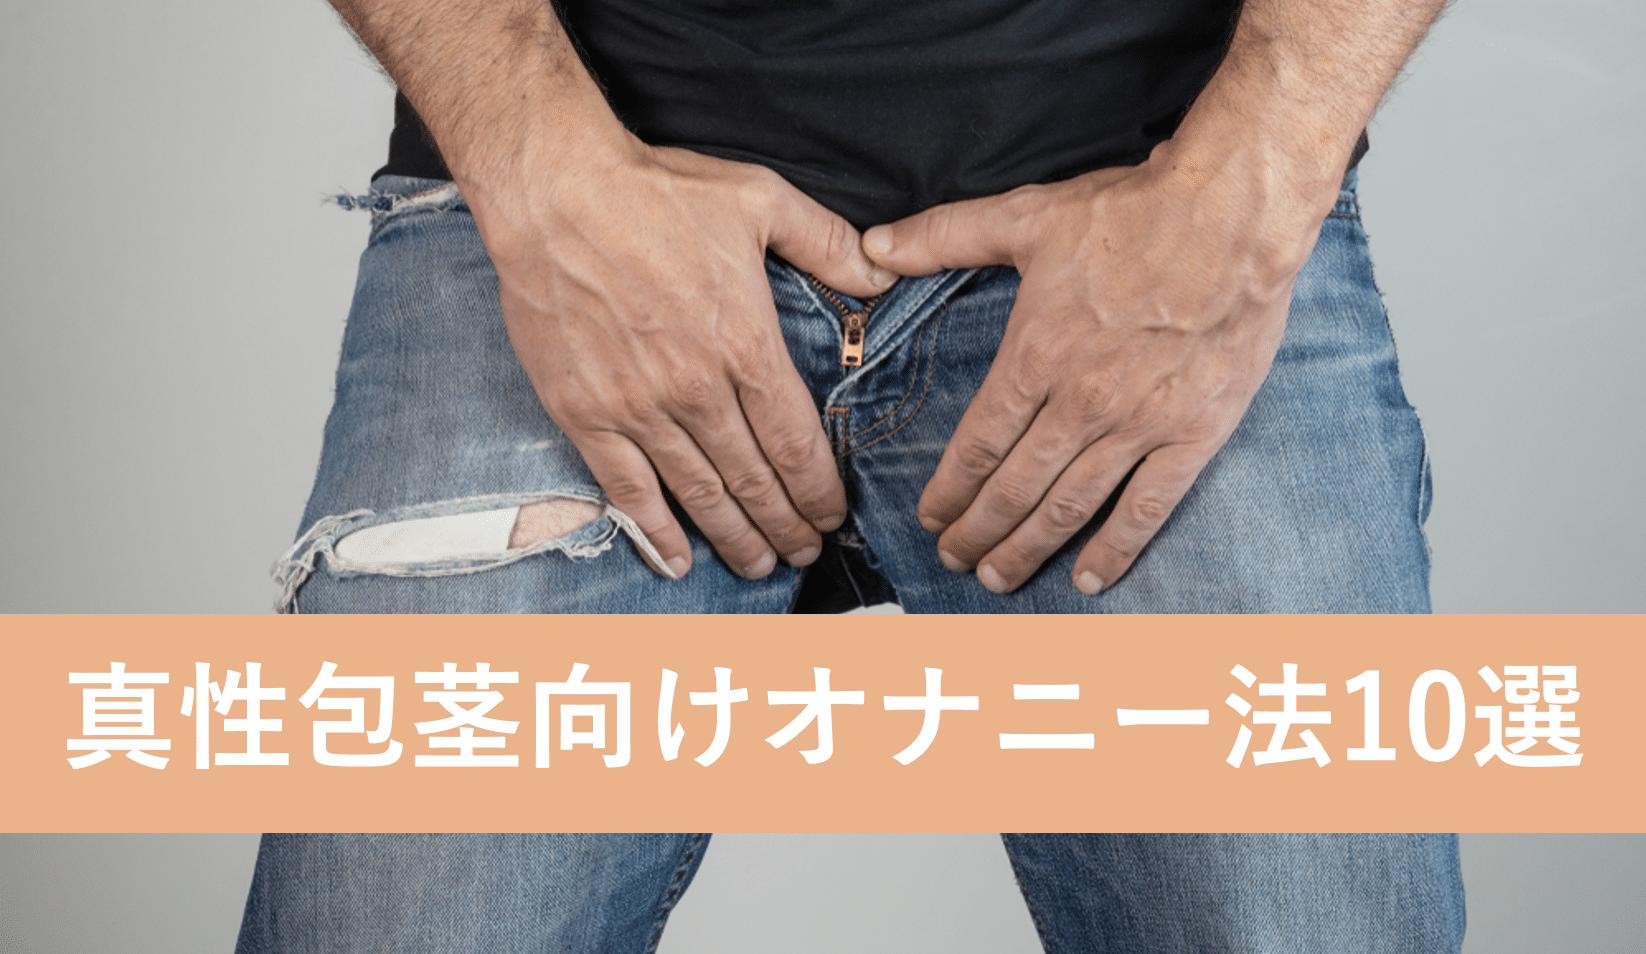 真性包茎向けオナニー法10選